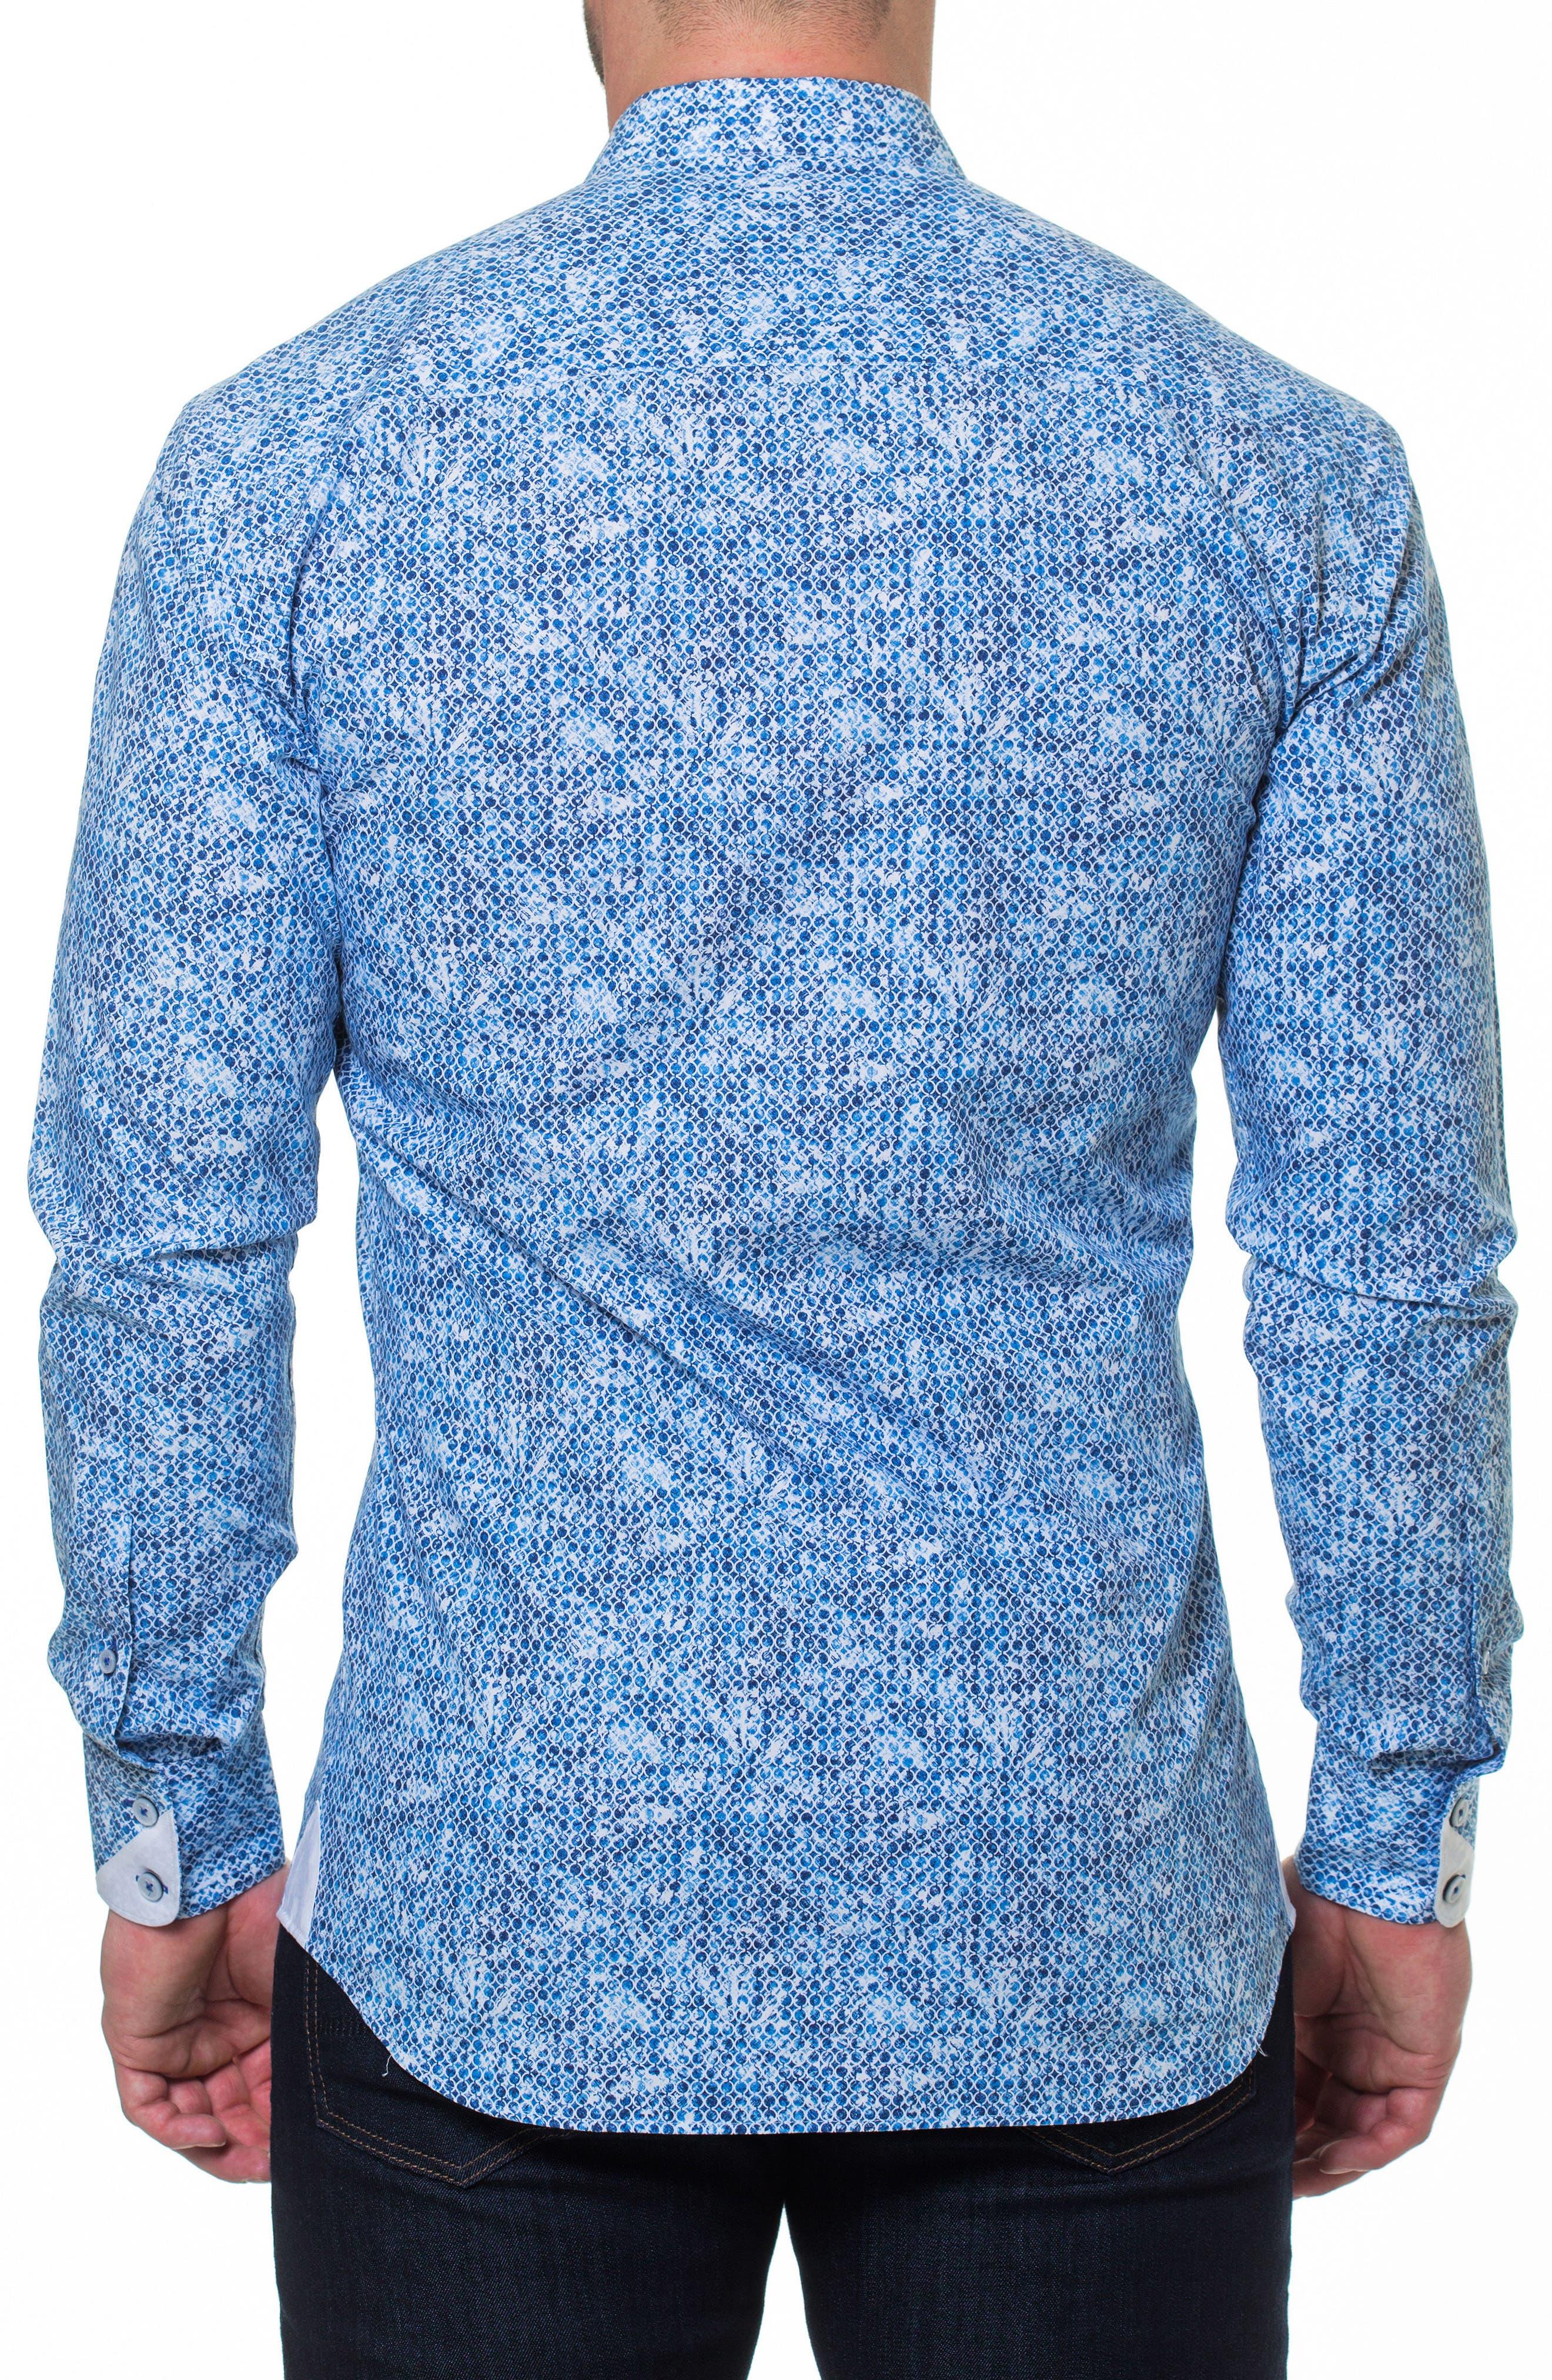 Luxor Ring Sport Shirt,                             Alternate thumbnail 2, color,                             Blue